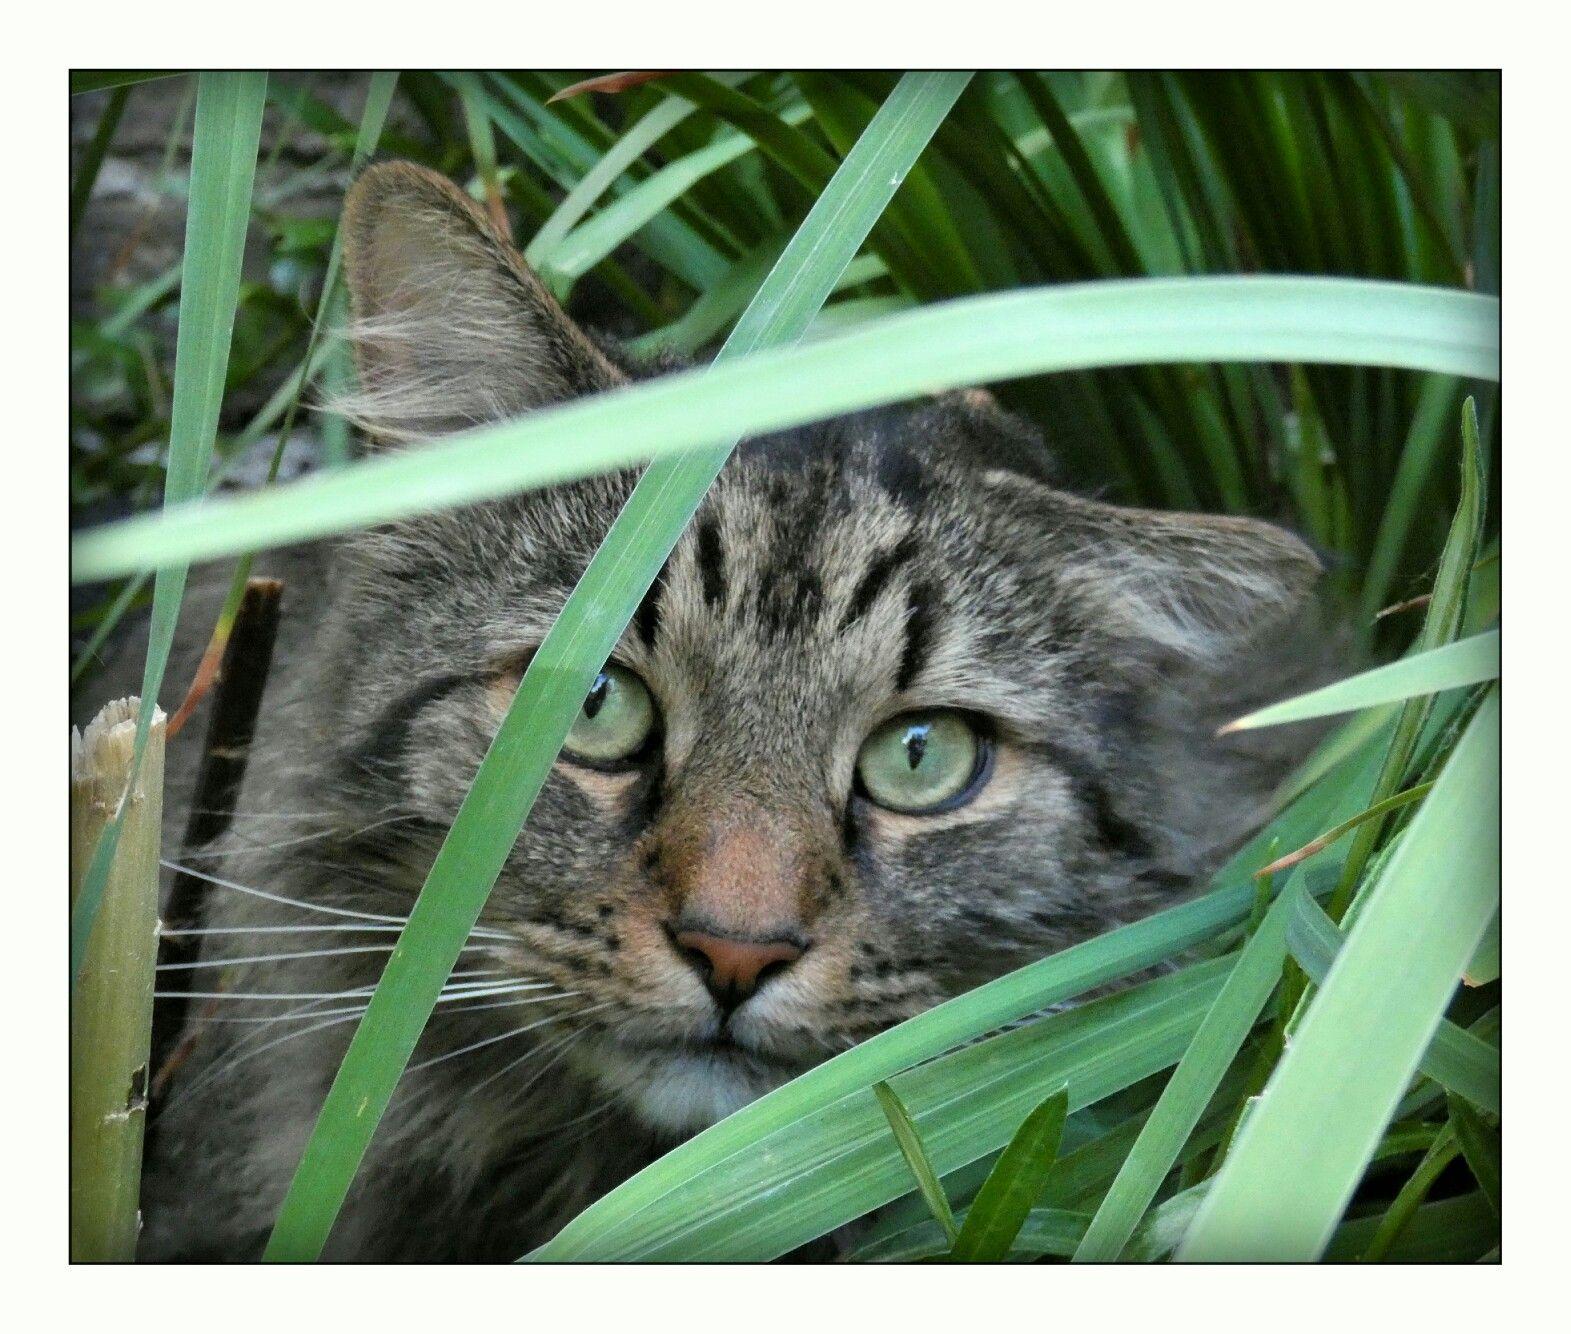 LOT firmy przewozace zwierzeta (With images) Animals, Cats